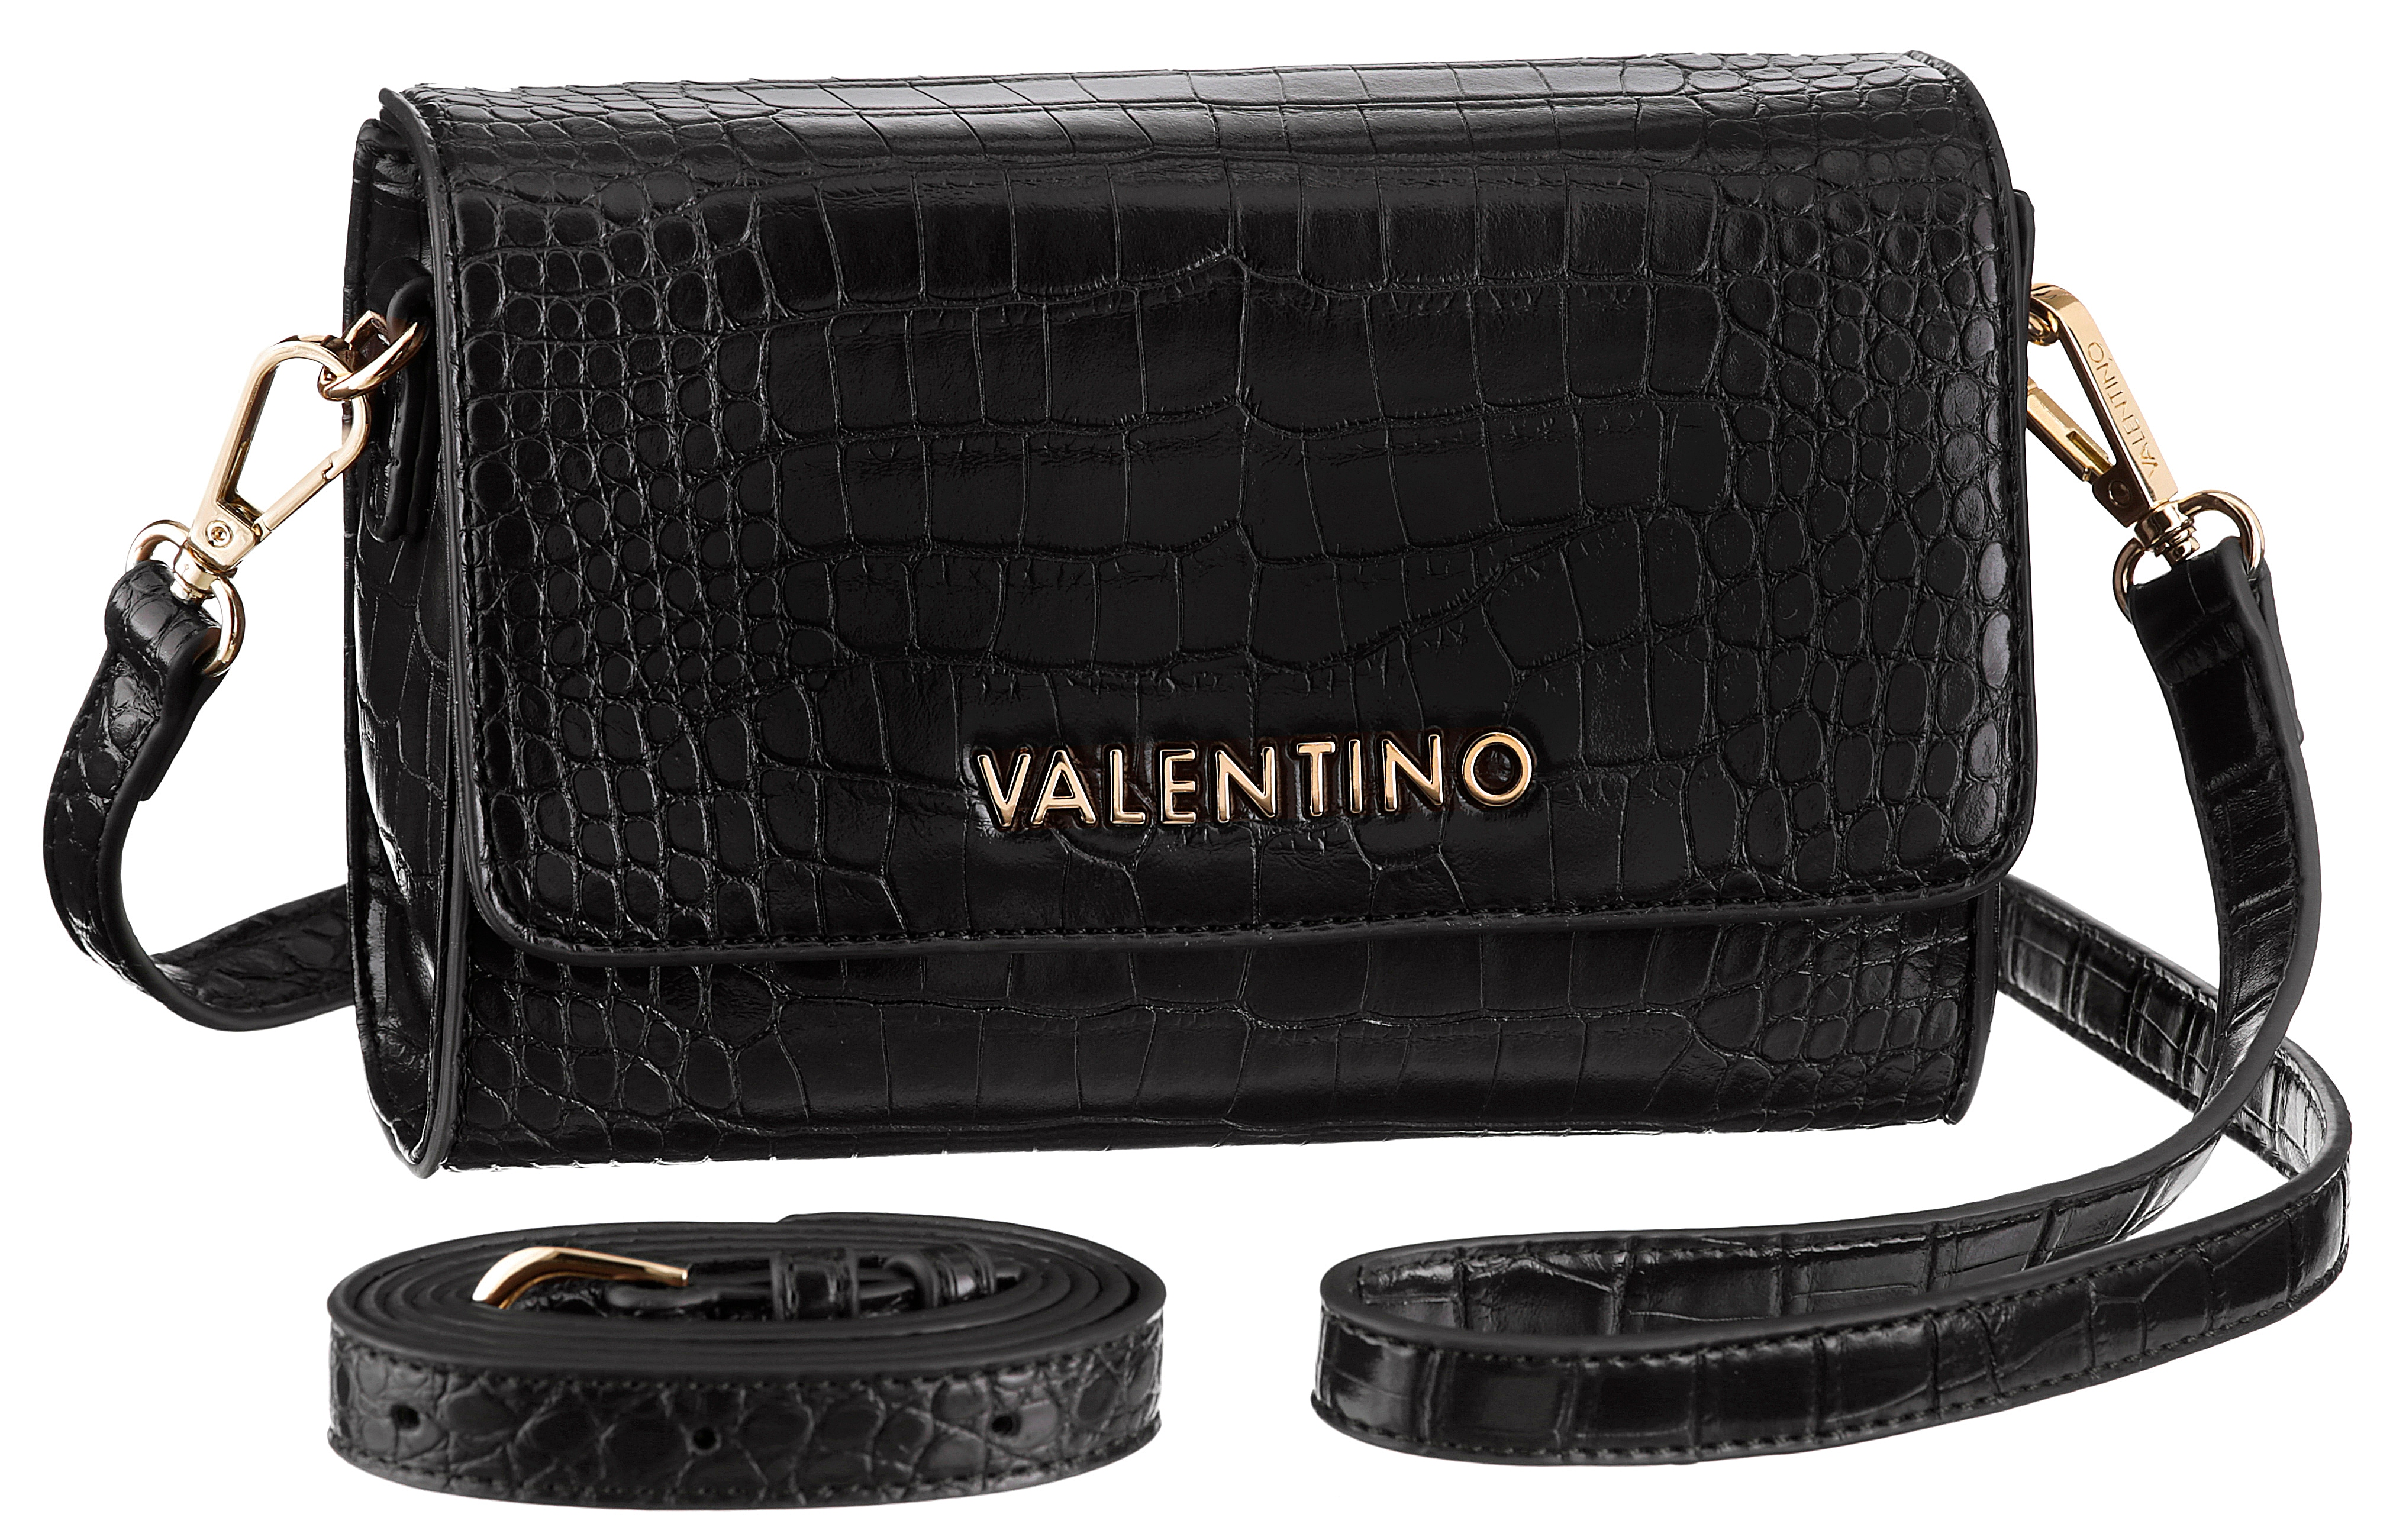 valentino by mario valentino -  Mini Bag Grote